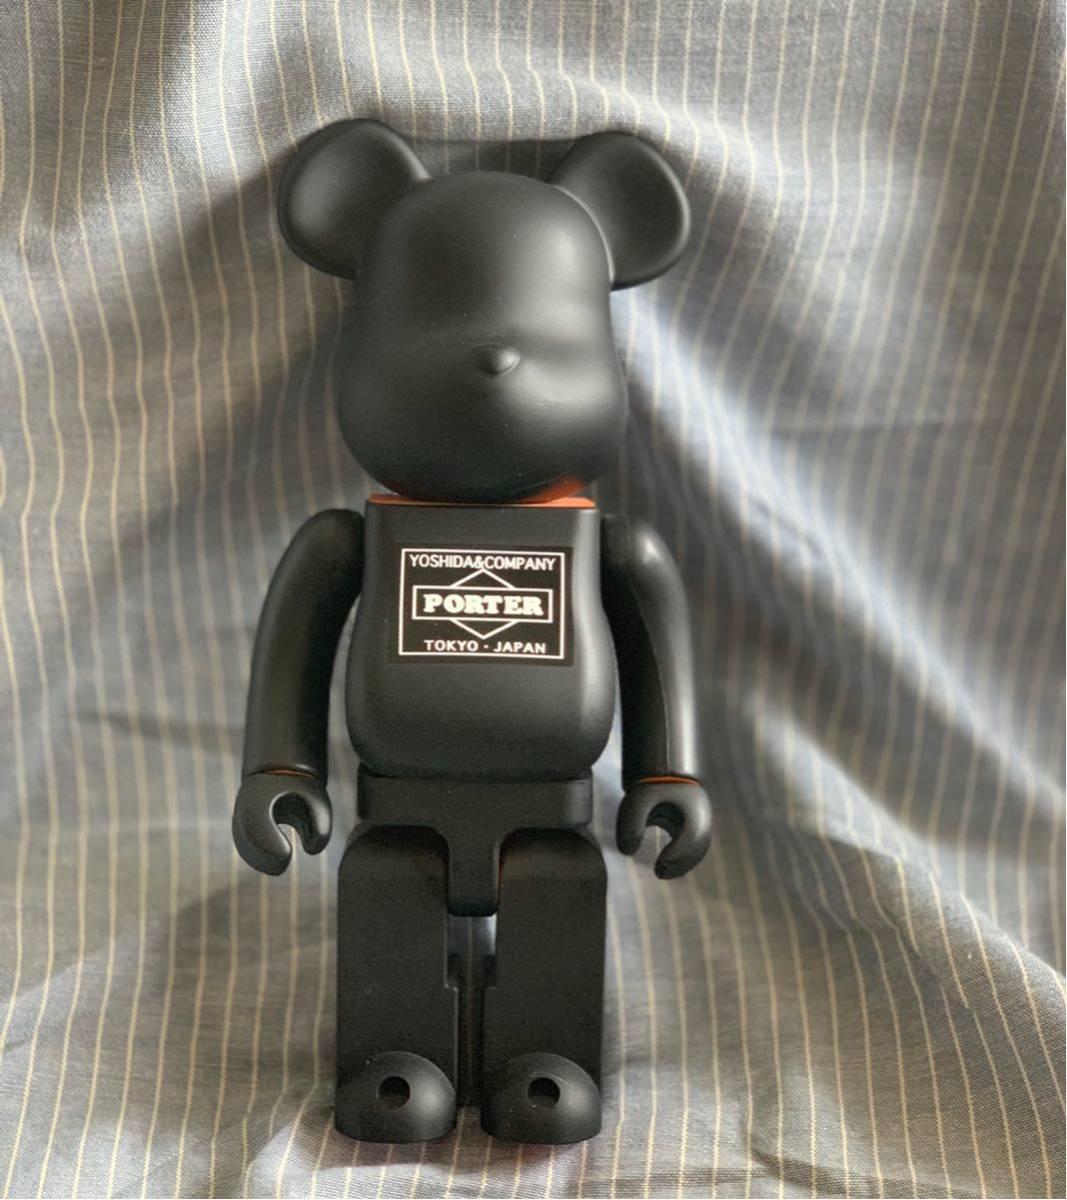 PORTER ポーター ベアブリック BE@RBRICK 400% ドール 人形 黒 オレンジ フィギュア 初代